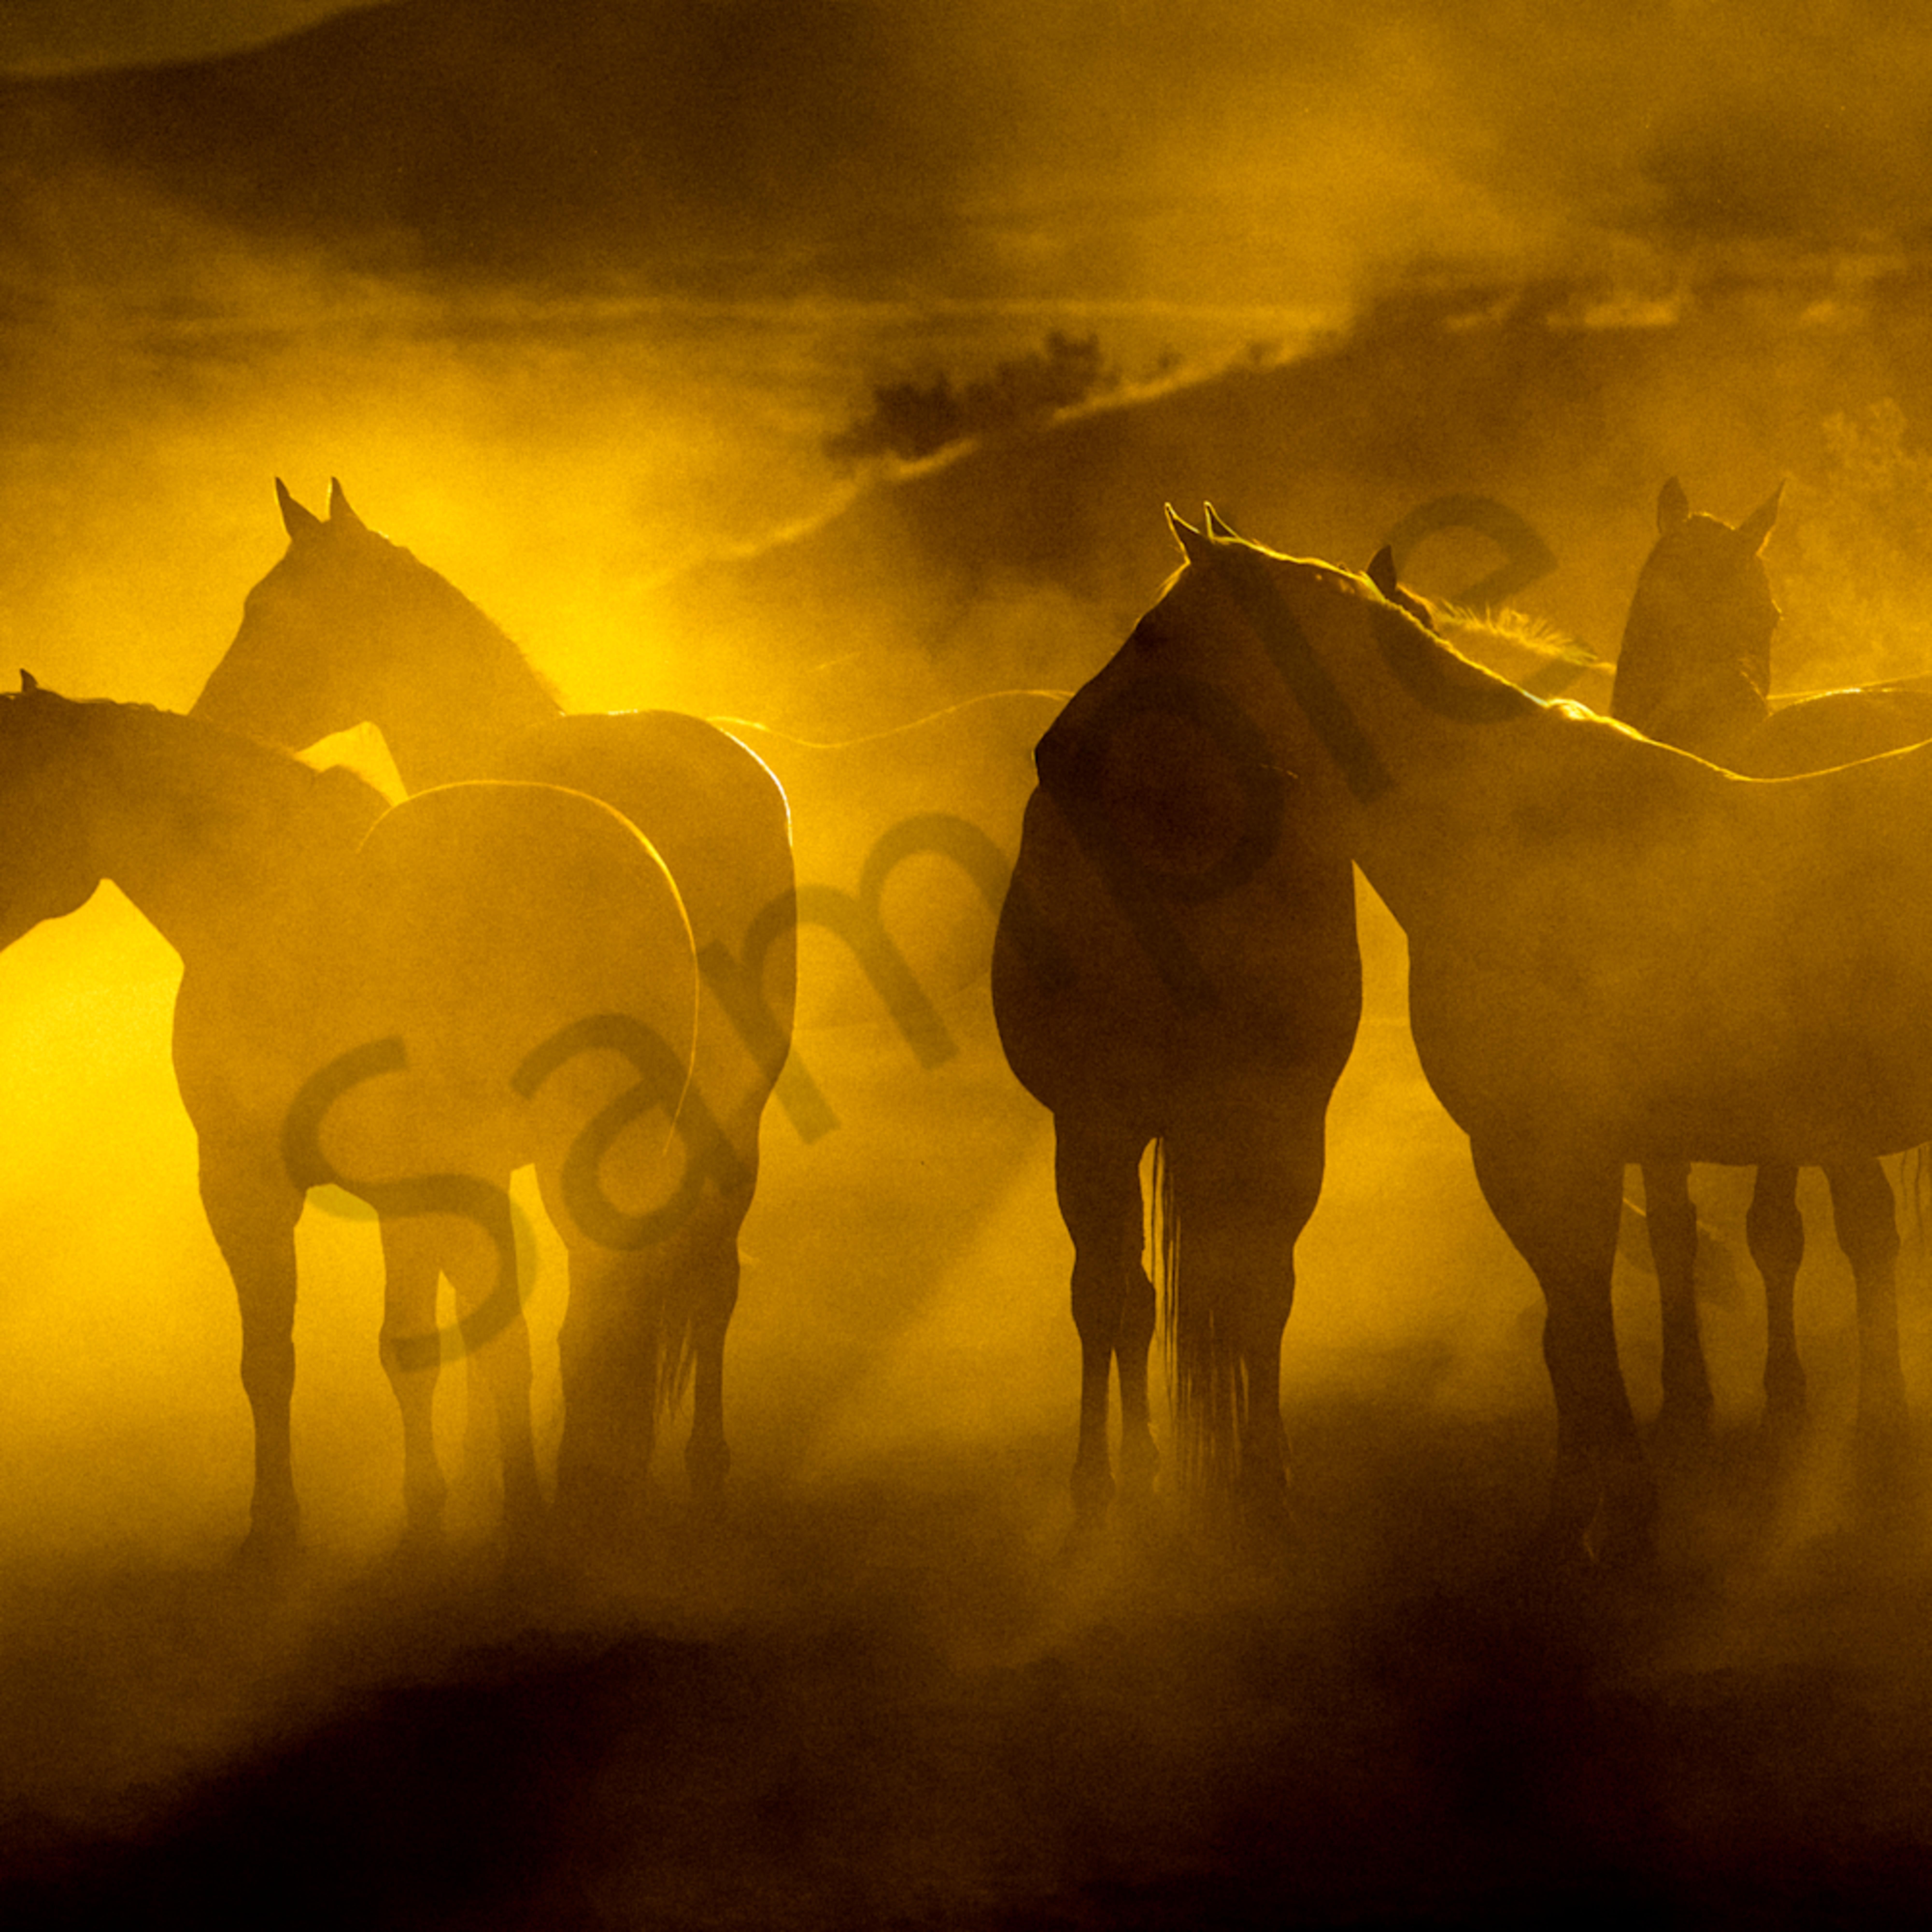 Cowponies at dusk dccr1y